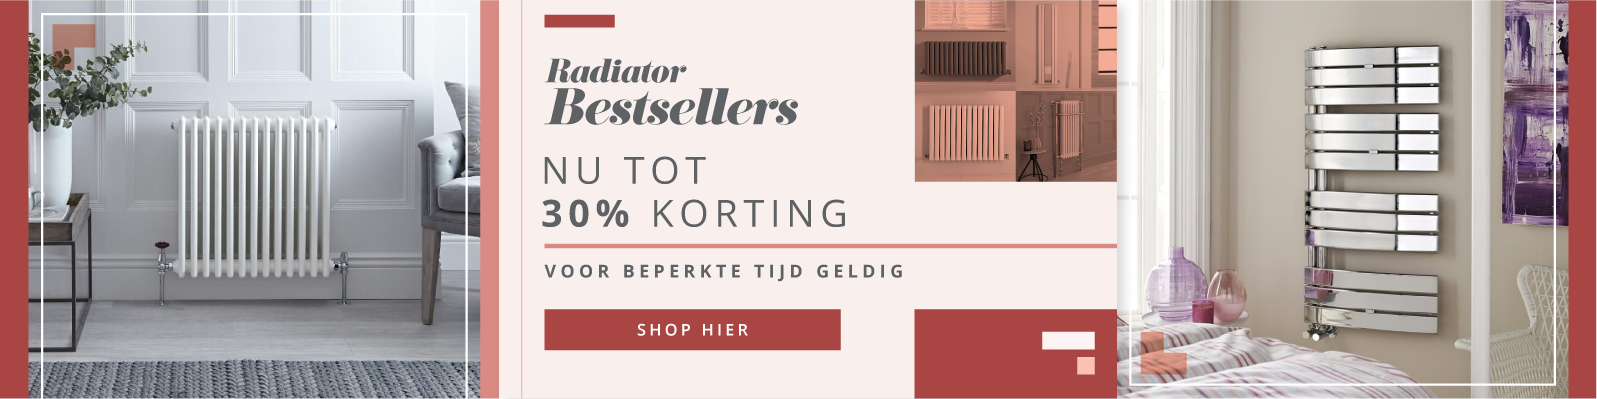 Radiator Bestsellers NU tot 30% korting Shop hier t/m 11.03.19